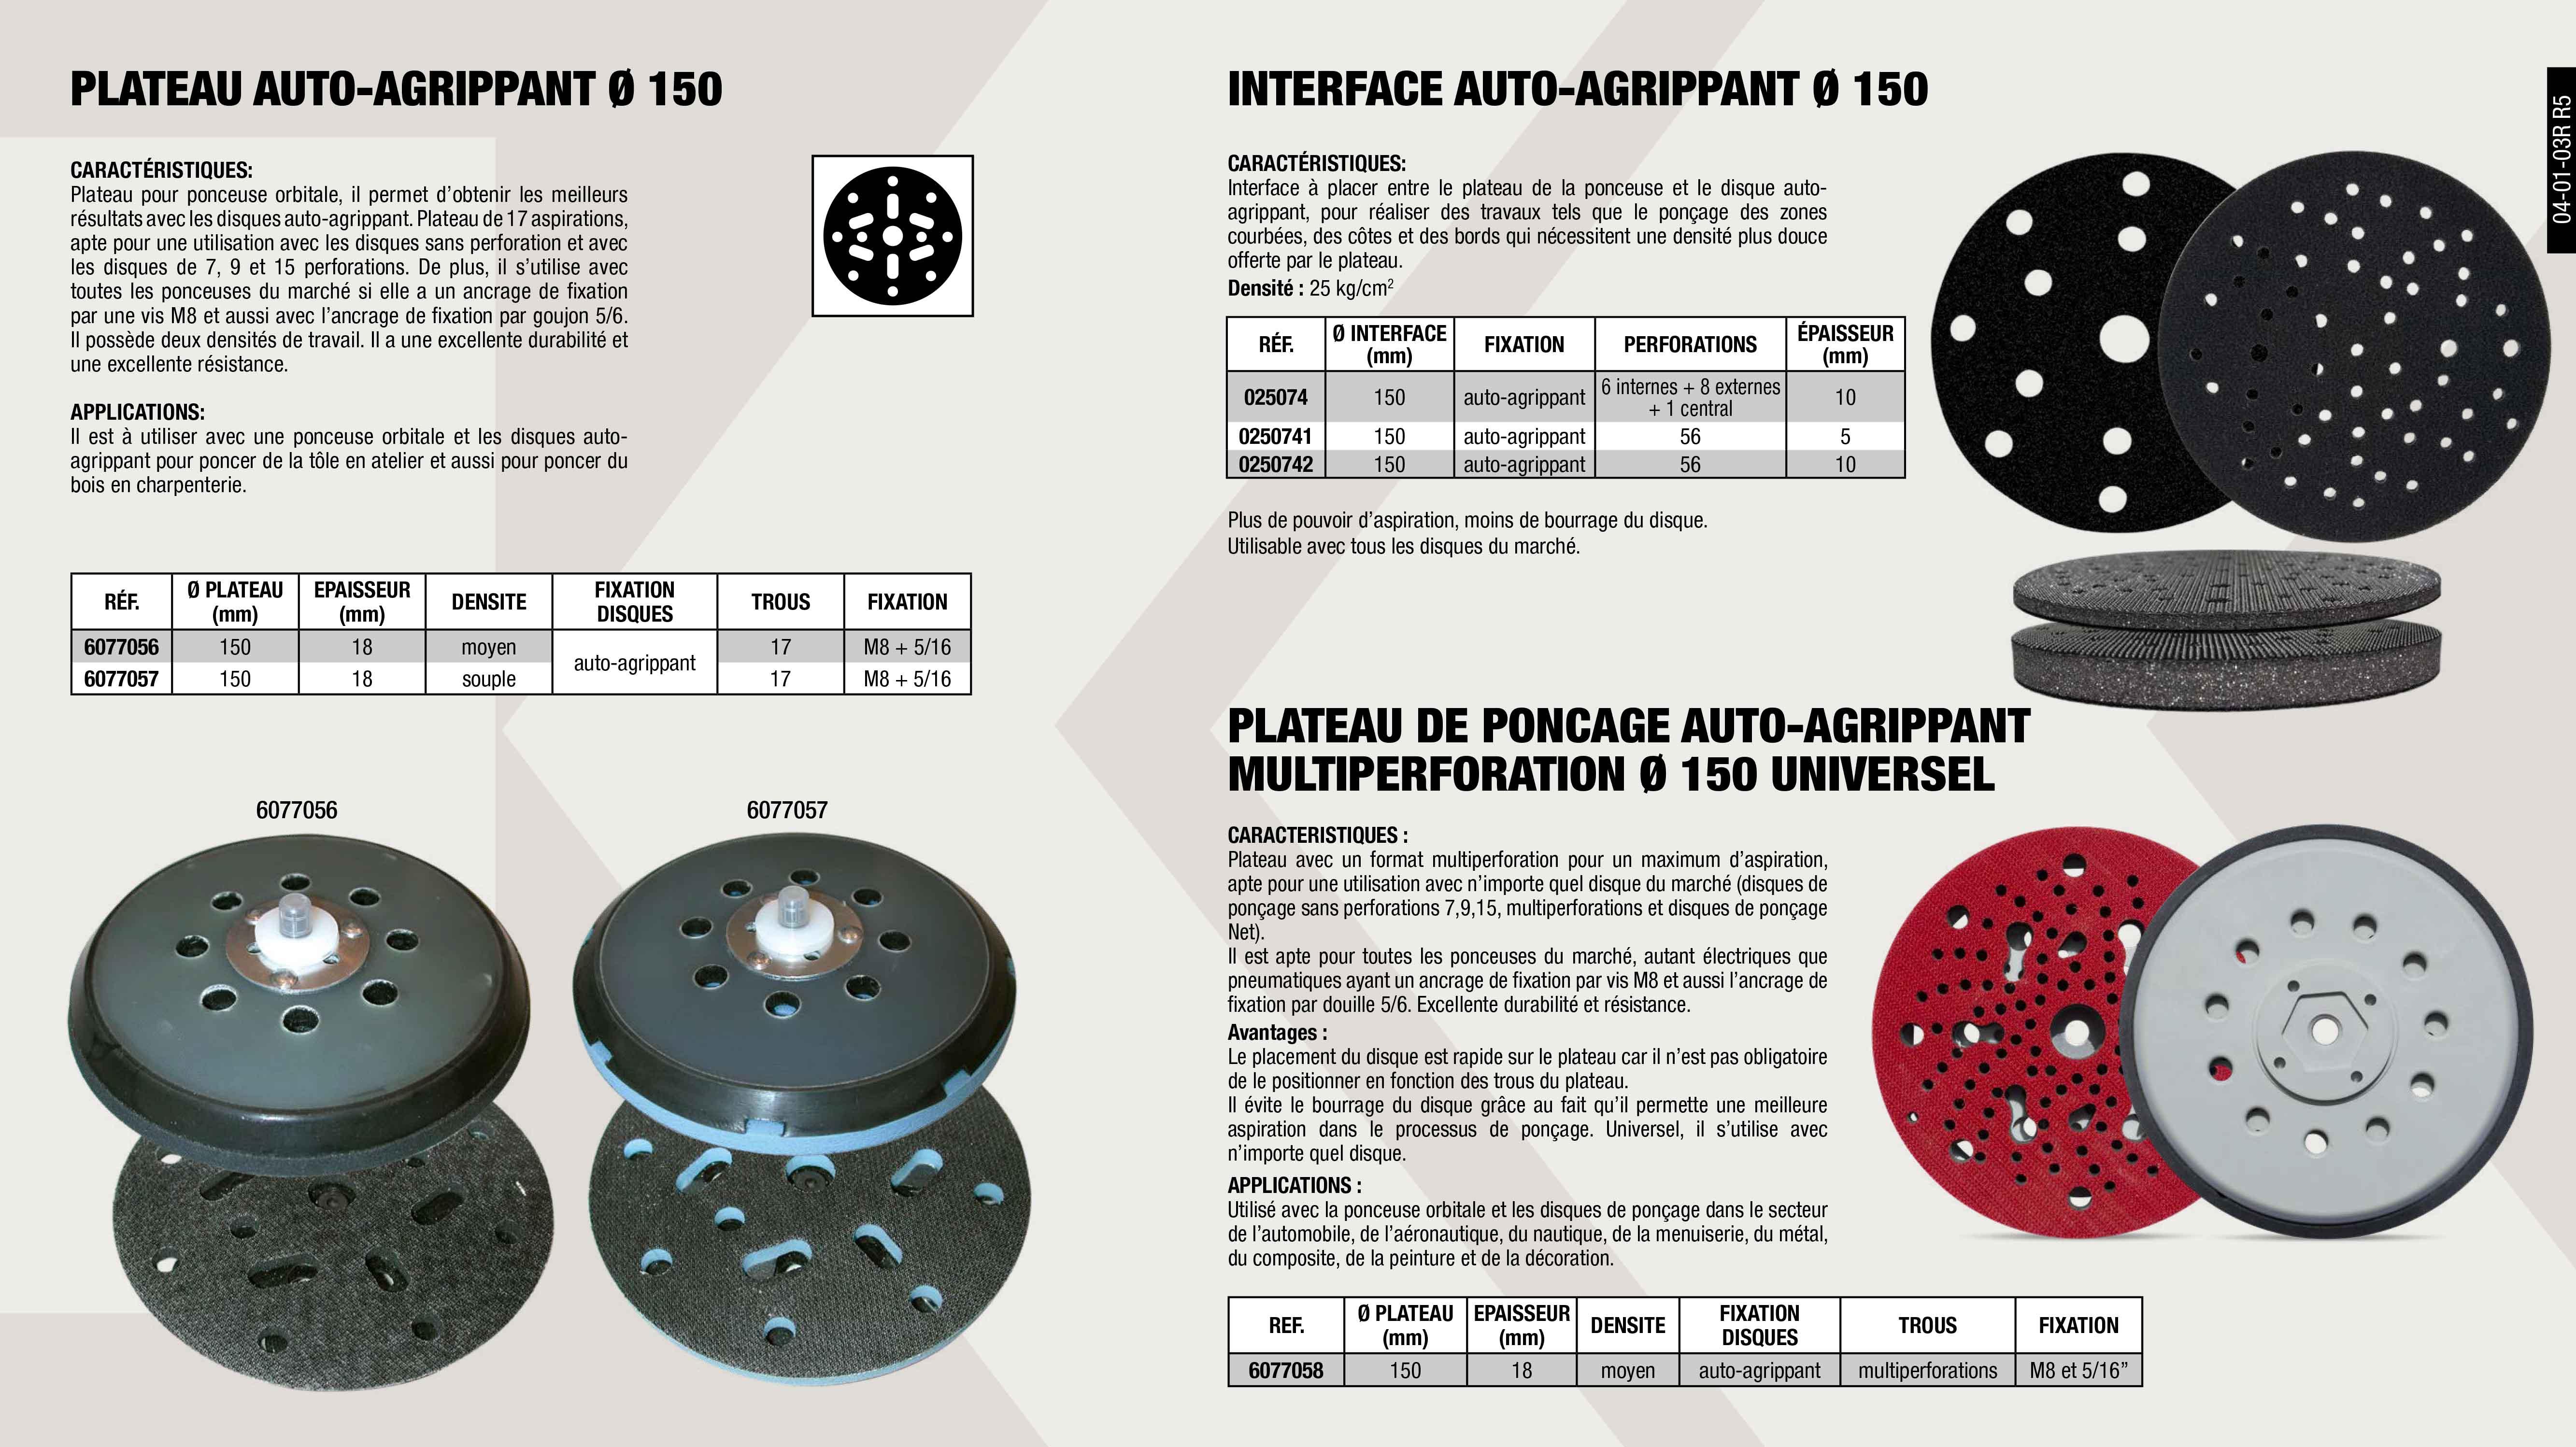 INTERFACE VELCRO 15 TROUS                                   ,  PLATEAU DISQUE A PONCER VELCRO MULTI PERF. 150 MM           ,  INTERFACE VELCRO 6 INT.                                     ,  INTERFACE VELCRO 8 EXT.                                     ,  PLATEAU PONCEUSE VELCRO UNIVERSEL MOYEN                     ,  PLATEAU PONCEUSE VELCRO UNIVERSEL DOUX                      ,